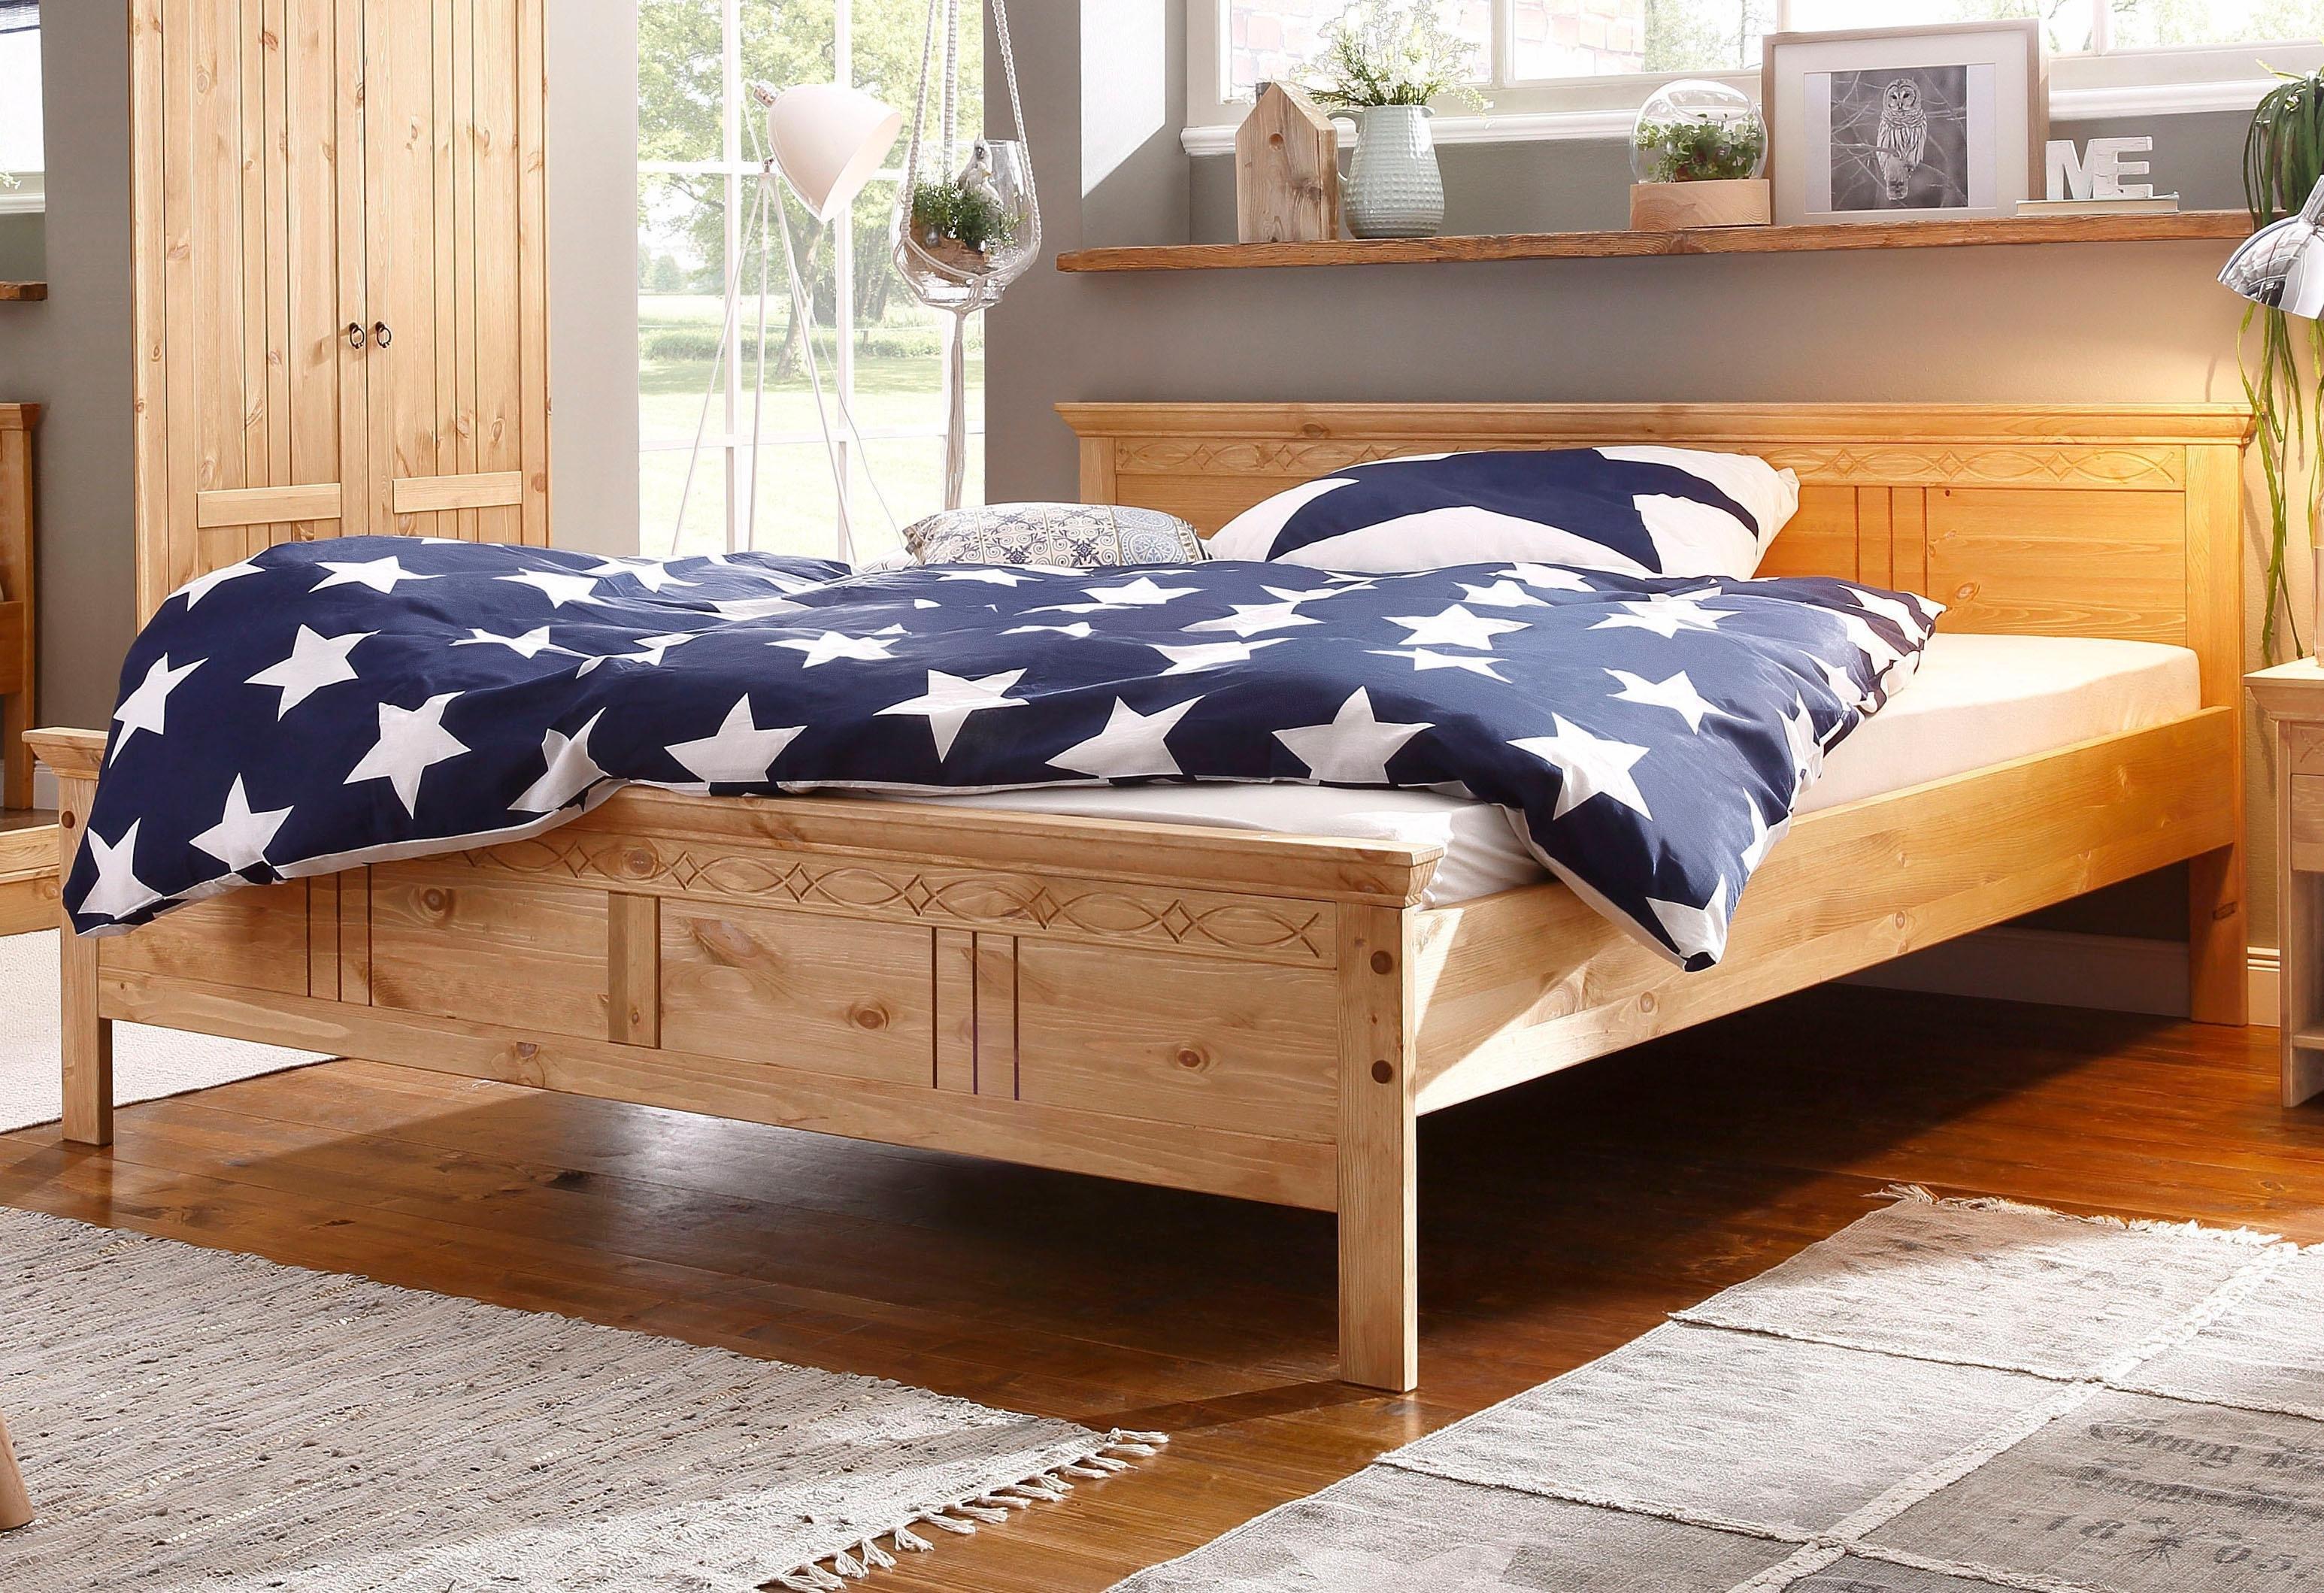 home affaire ledikant indra met decoratief freeswerk in 2 breedten 140x200 en 180x200 cm. Black Bedroom Furniture Sets. Home Design Ideas